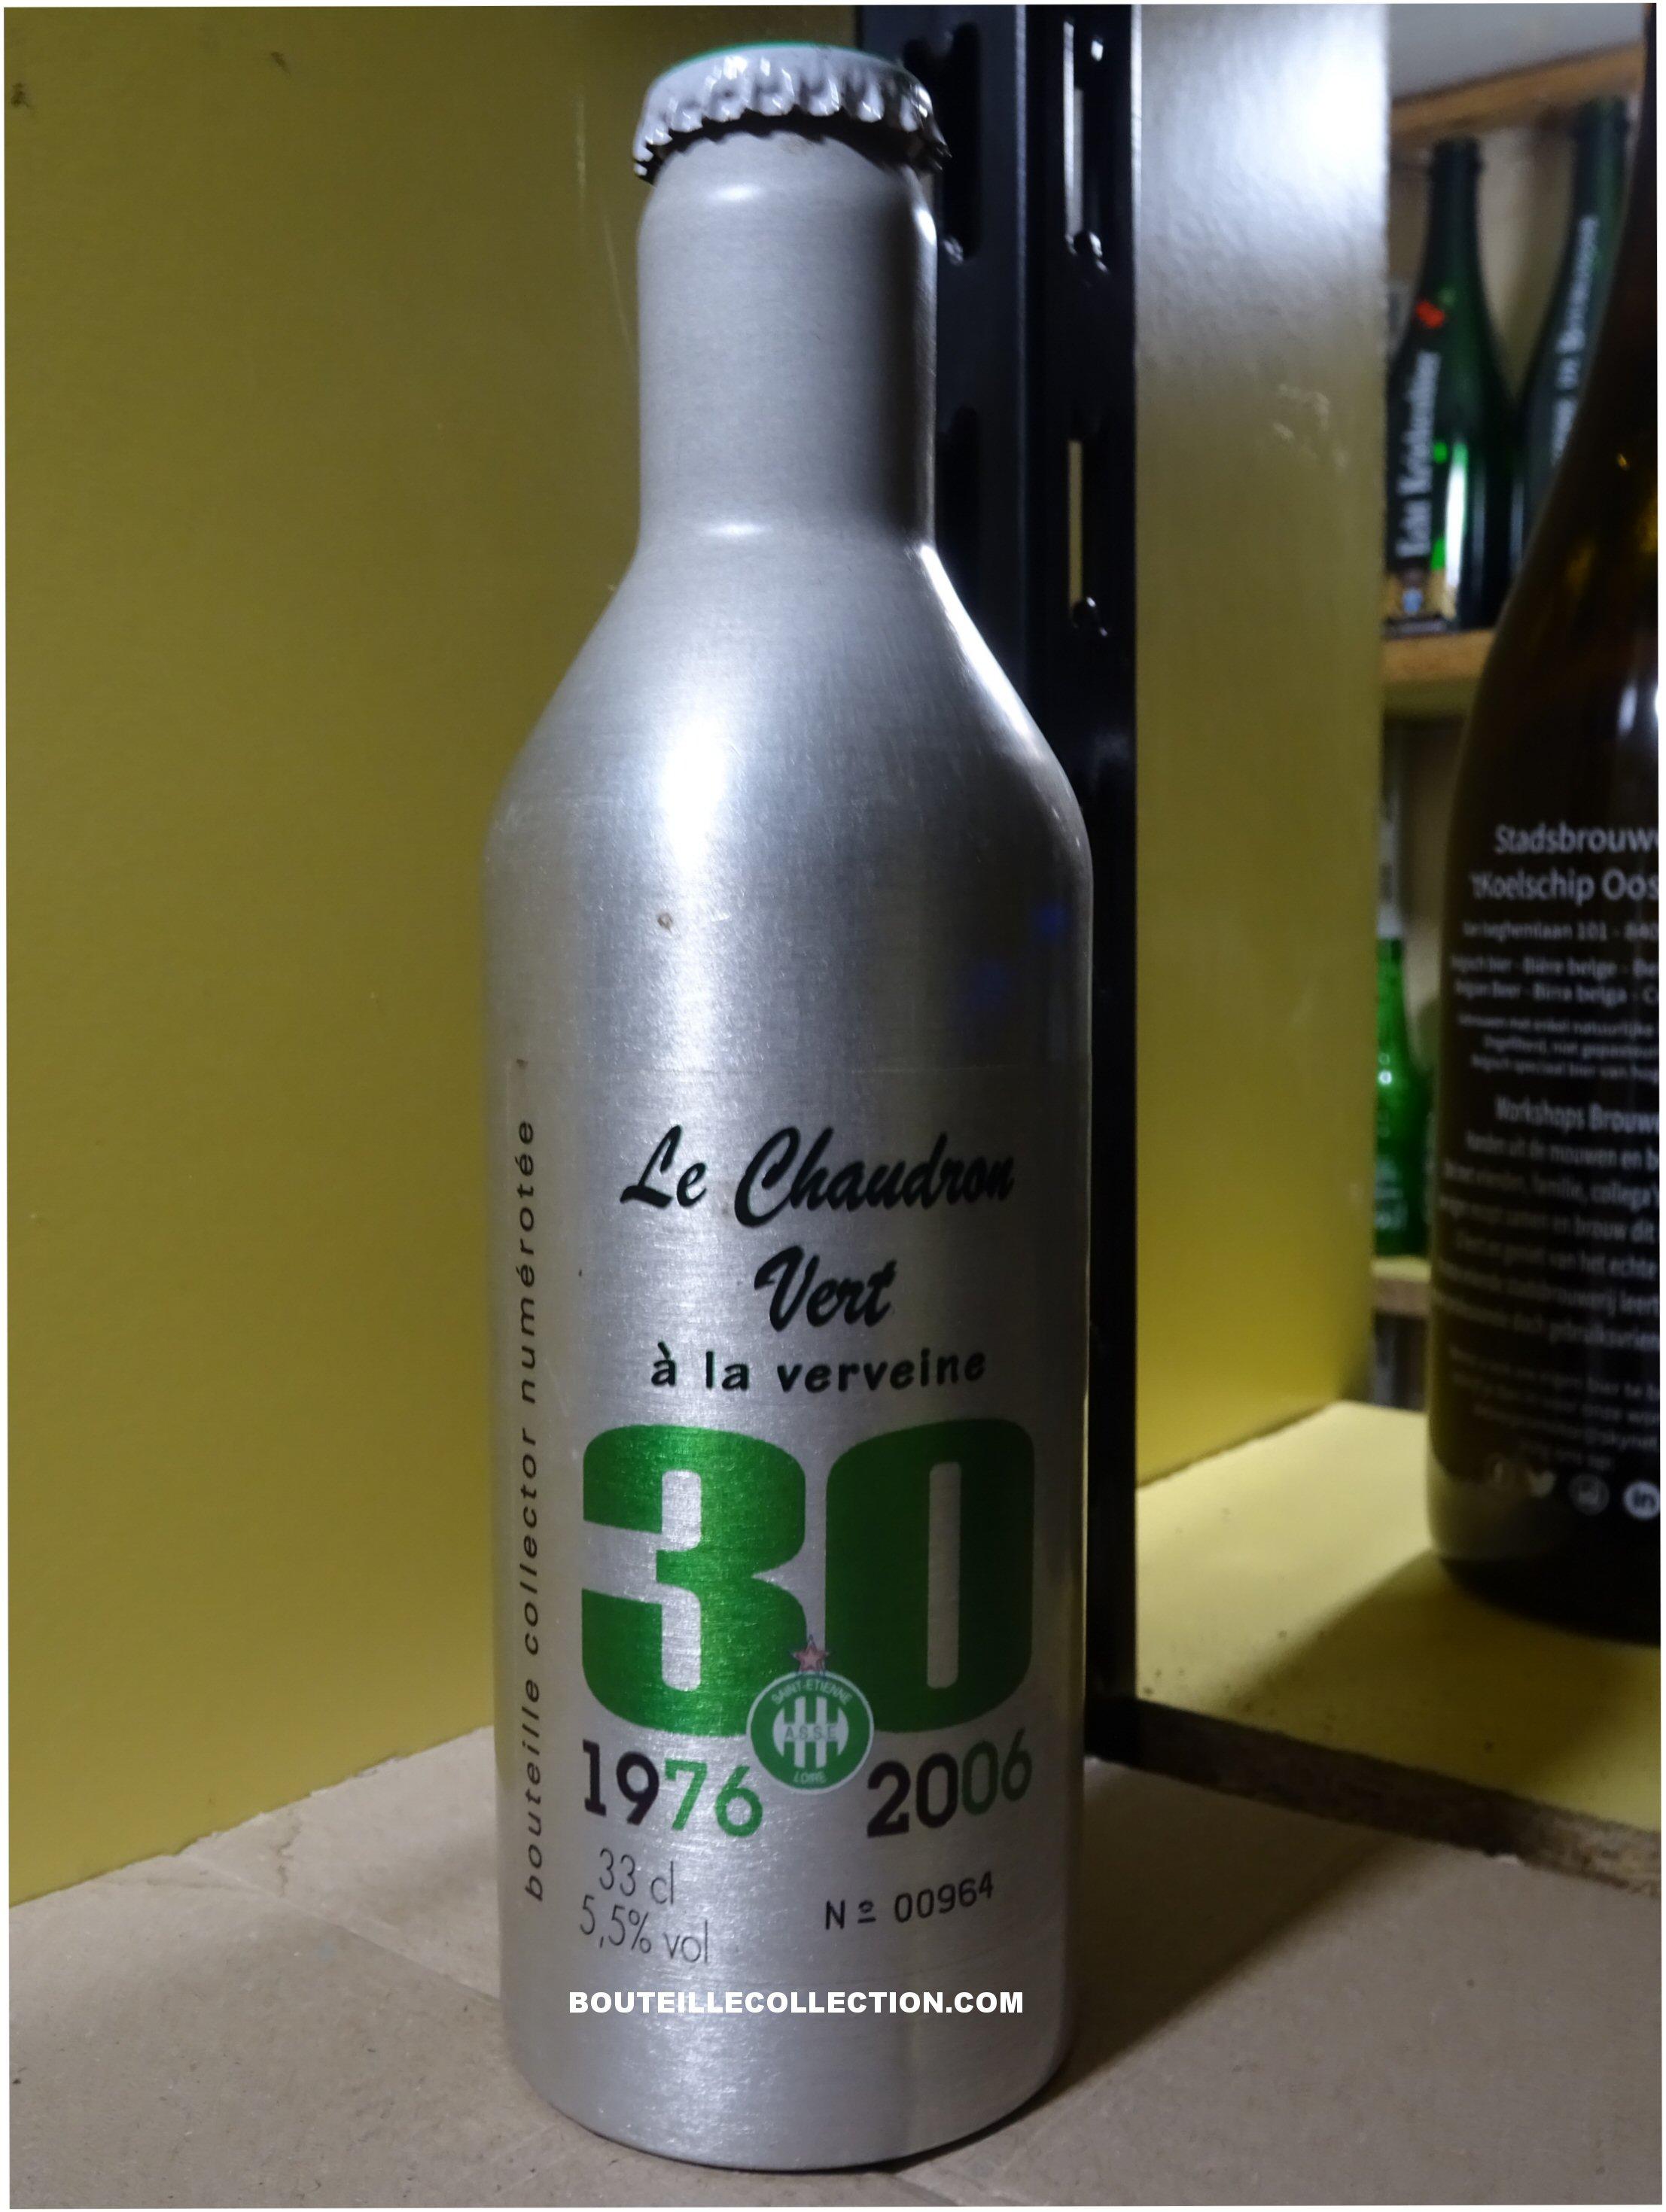 ASSE 1976 2006 33CL B .JPG